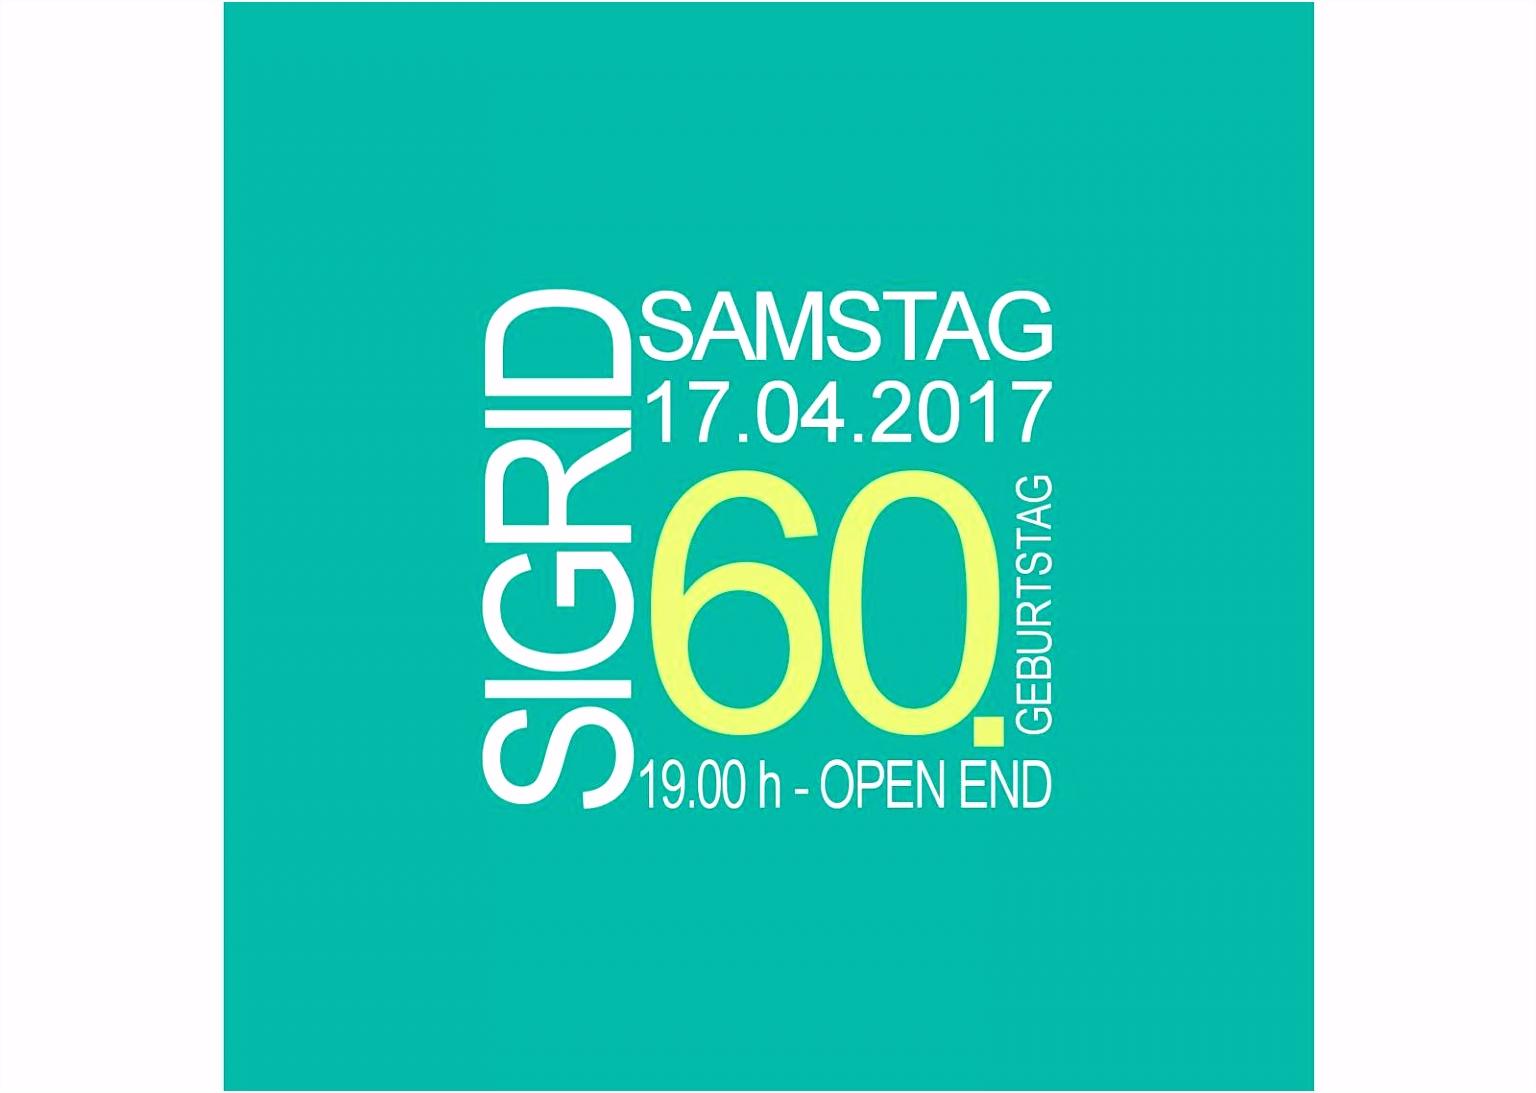 Einladungskarten 60 Geburtstag Vorlagen Kostenlos Best 60 Geburtstag